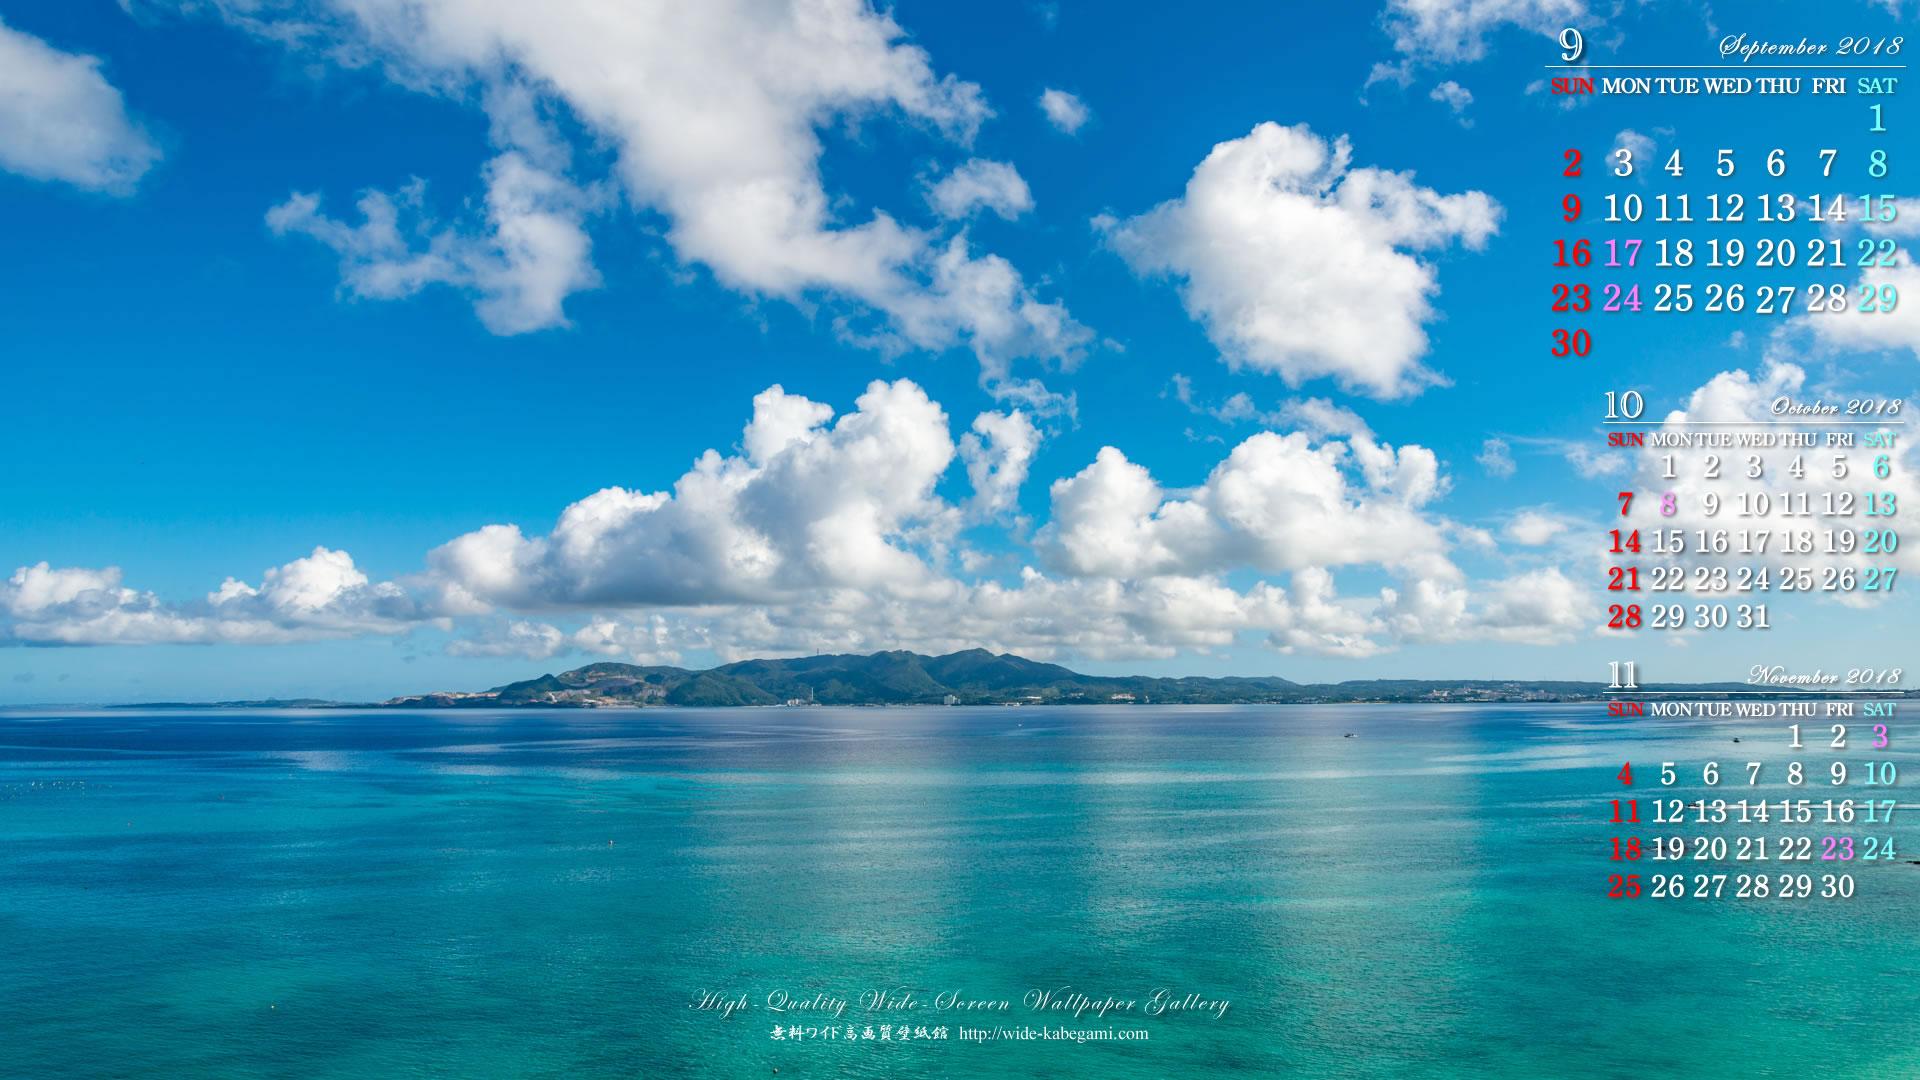 18年9月のカレンダー壁紙 19x1080 沖縄の海 無料ワイド高画質壁紙館